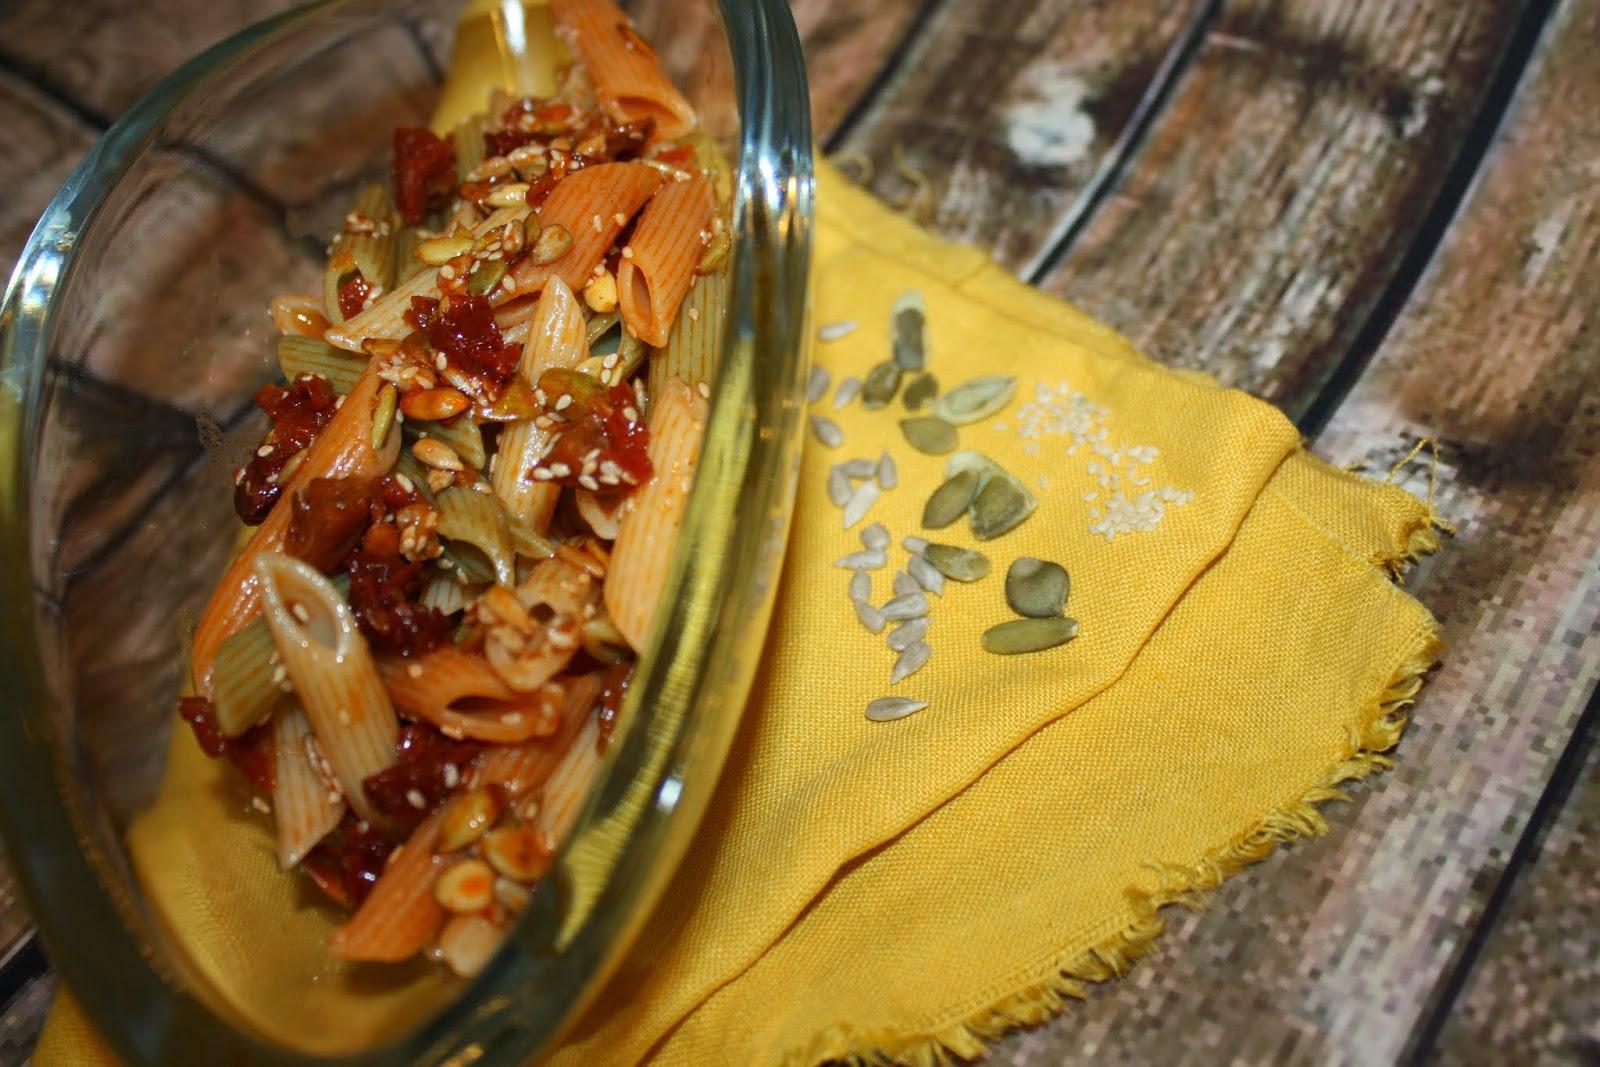 Kuchnia Z Pomysłem Sałatka Z Kolorowego Makaronu Z